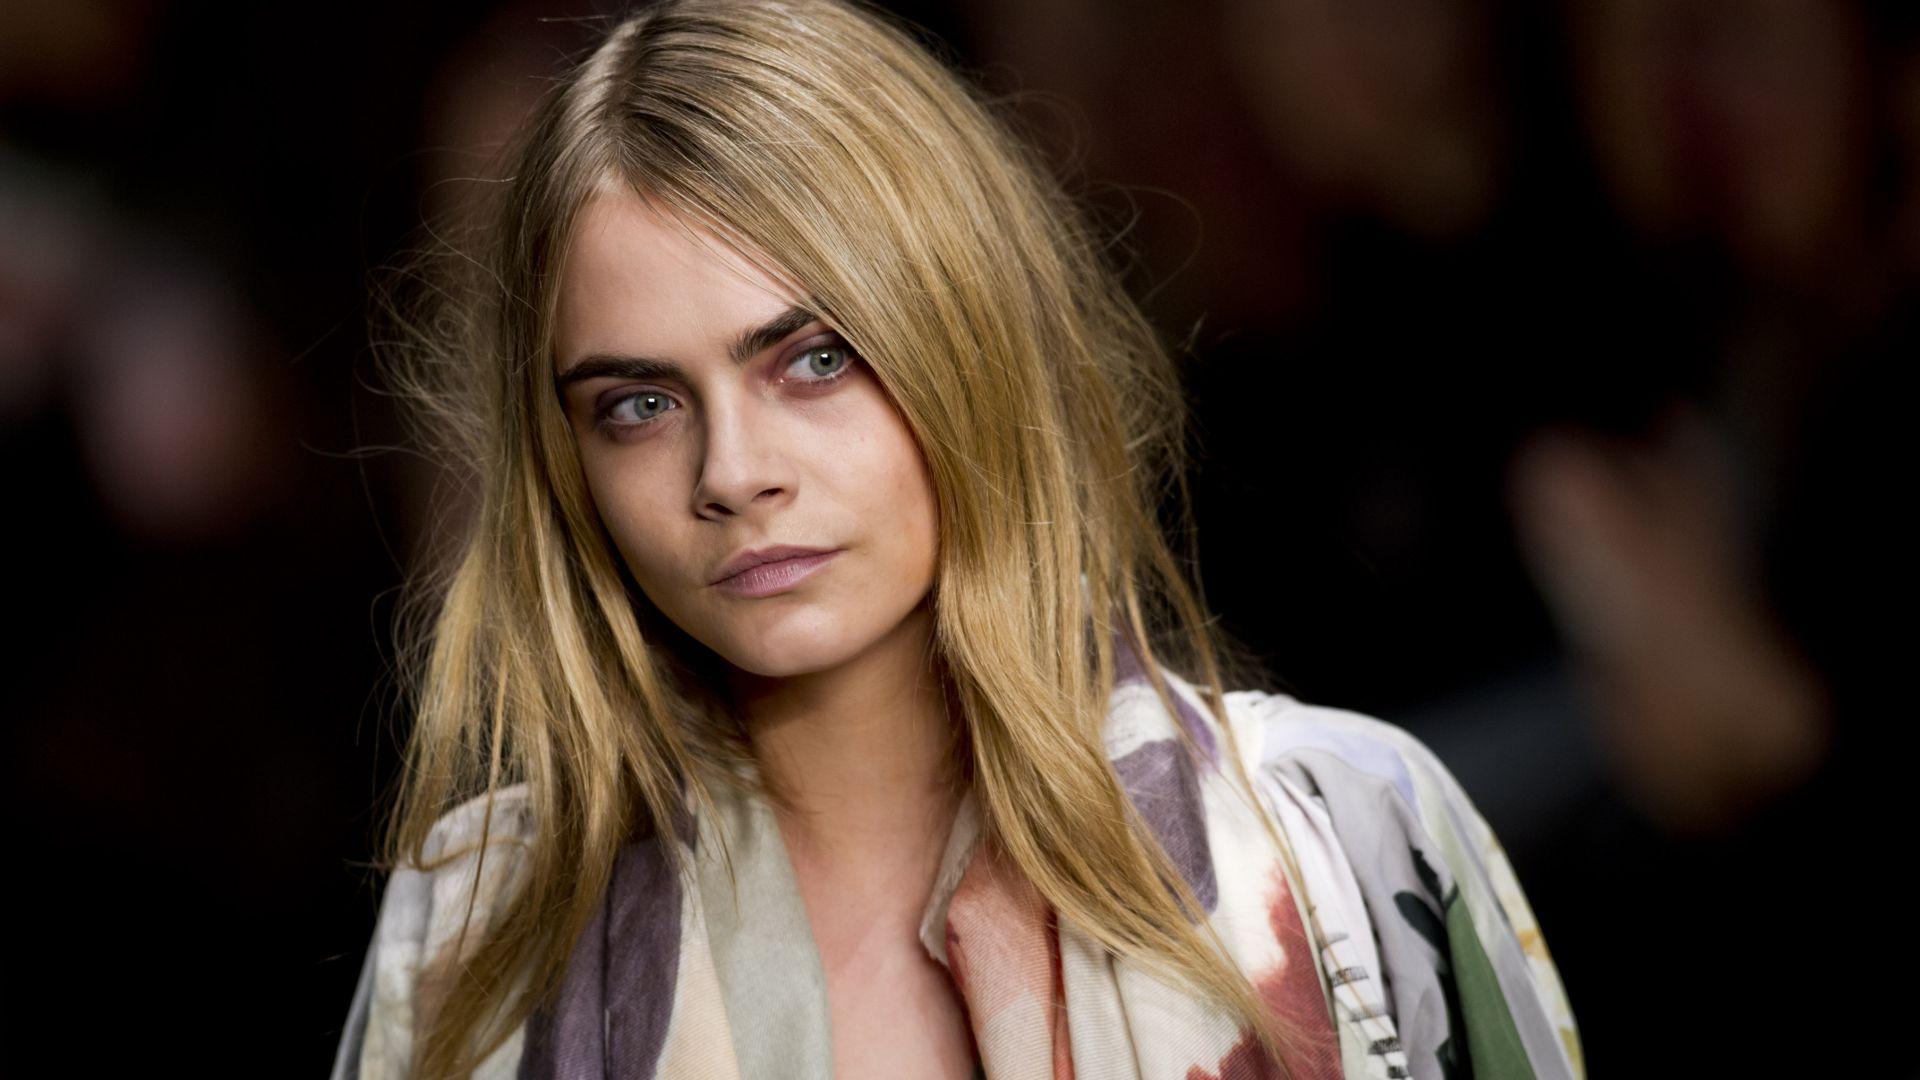 Wallpaper Cara Delevingne, Top Fashion Models, 4K, Celebrities